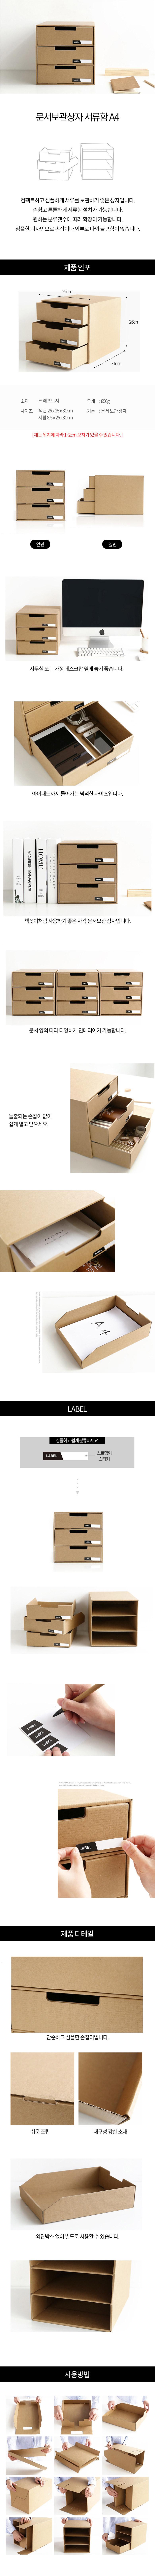 3단 서류보관함 문서보관상자 서류정리함 - 홀트레이드, 12,000원, 문서/서류 정리, 서류함/서랍장